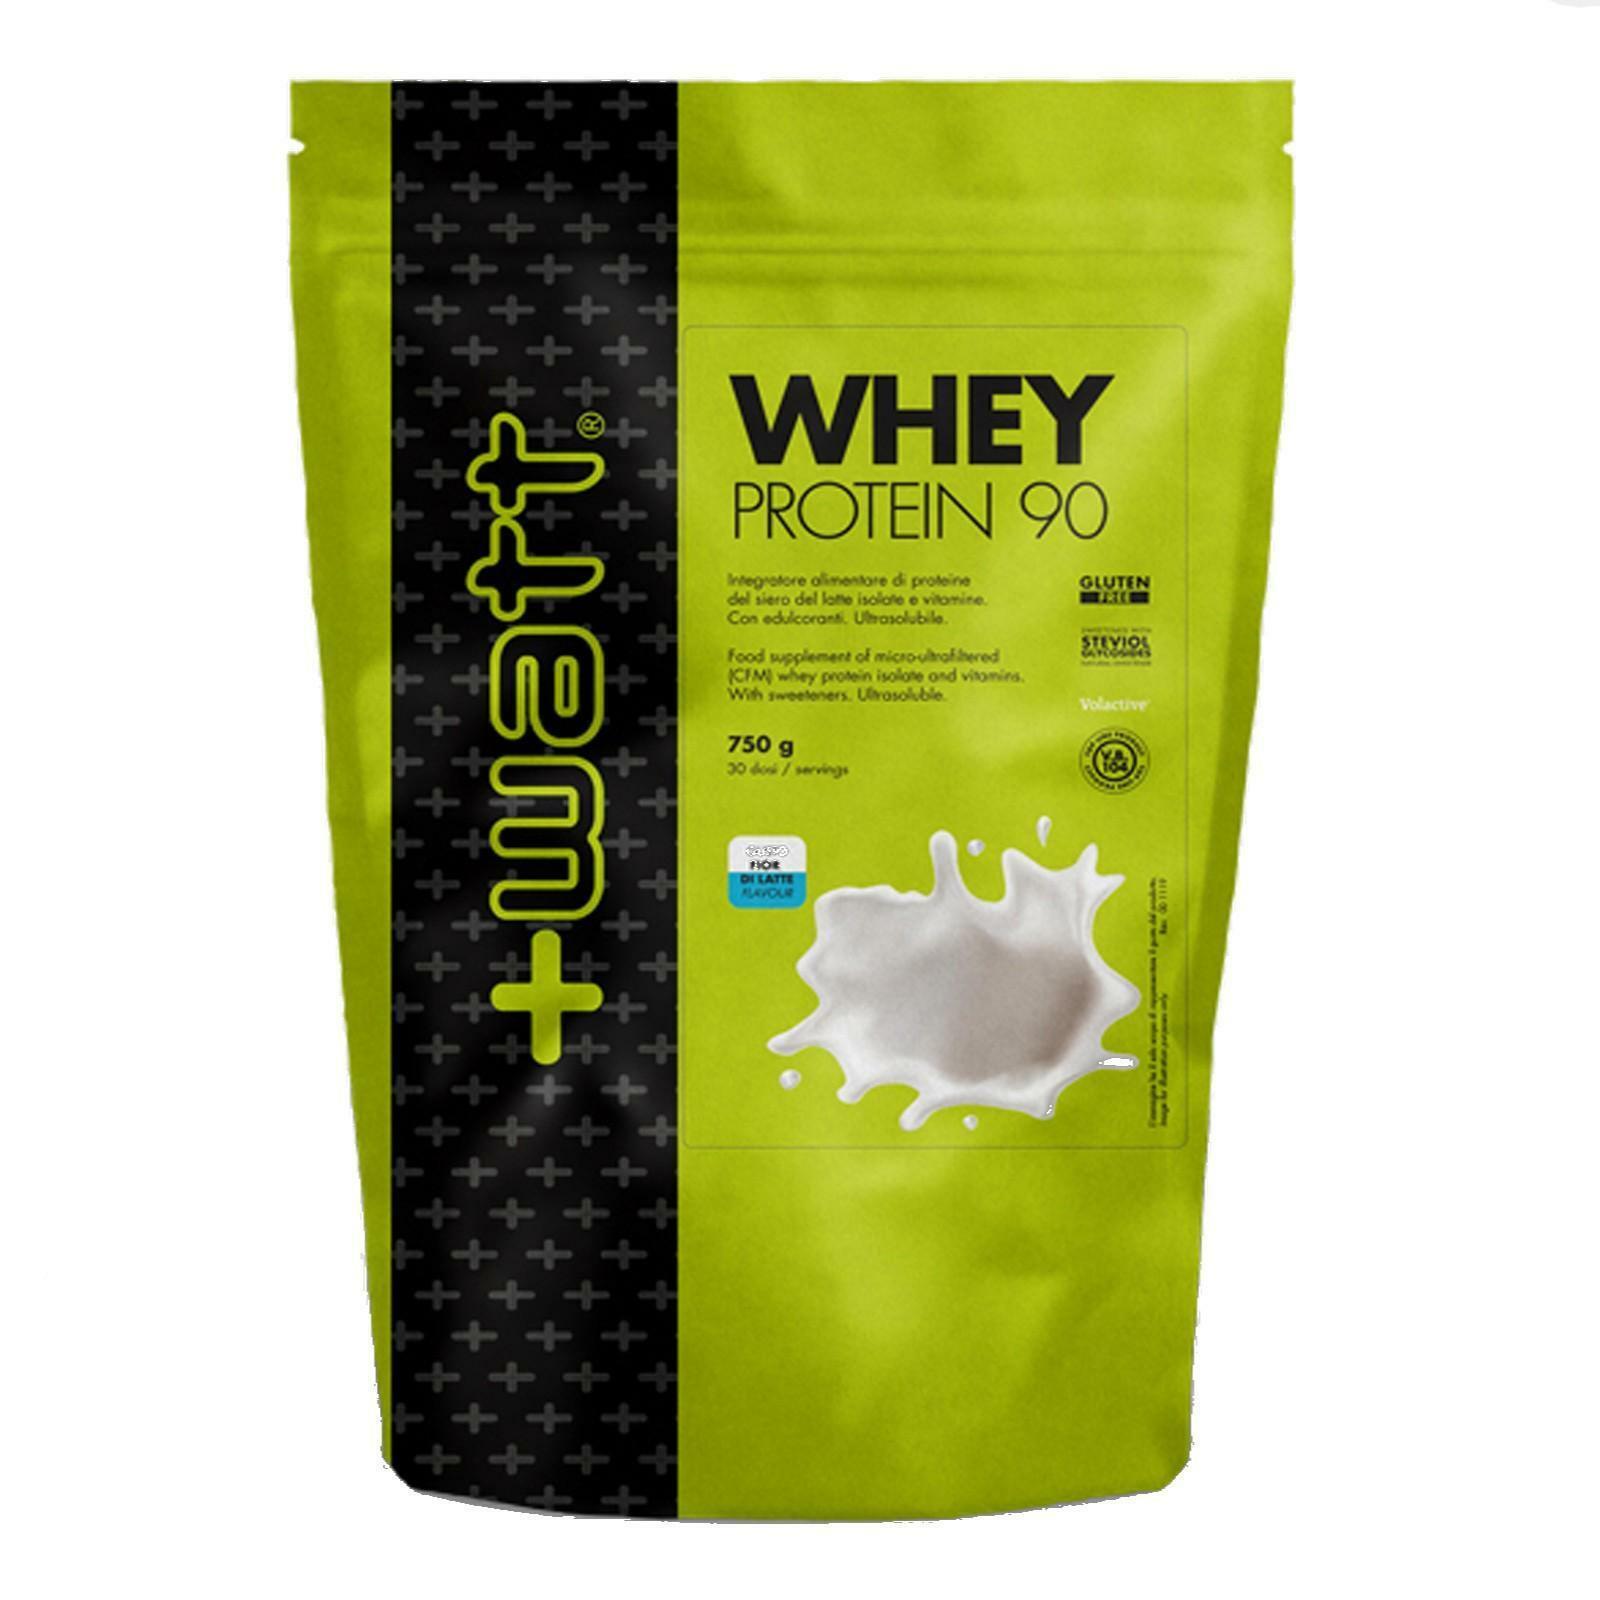 +watt nutrition +watt - whey protein 90 - integratore di proteine del siero del latte isolate e vitamine gusto fior di latte - 750g